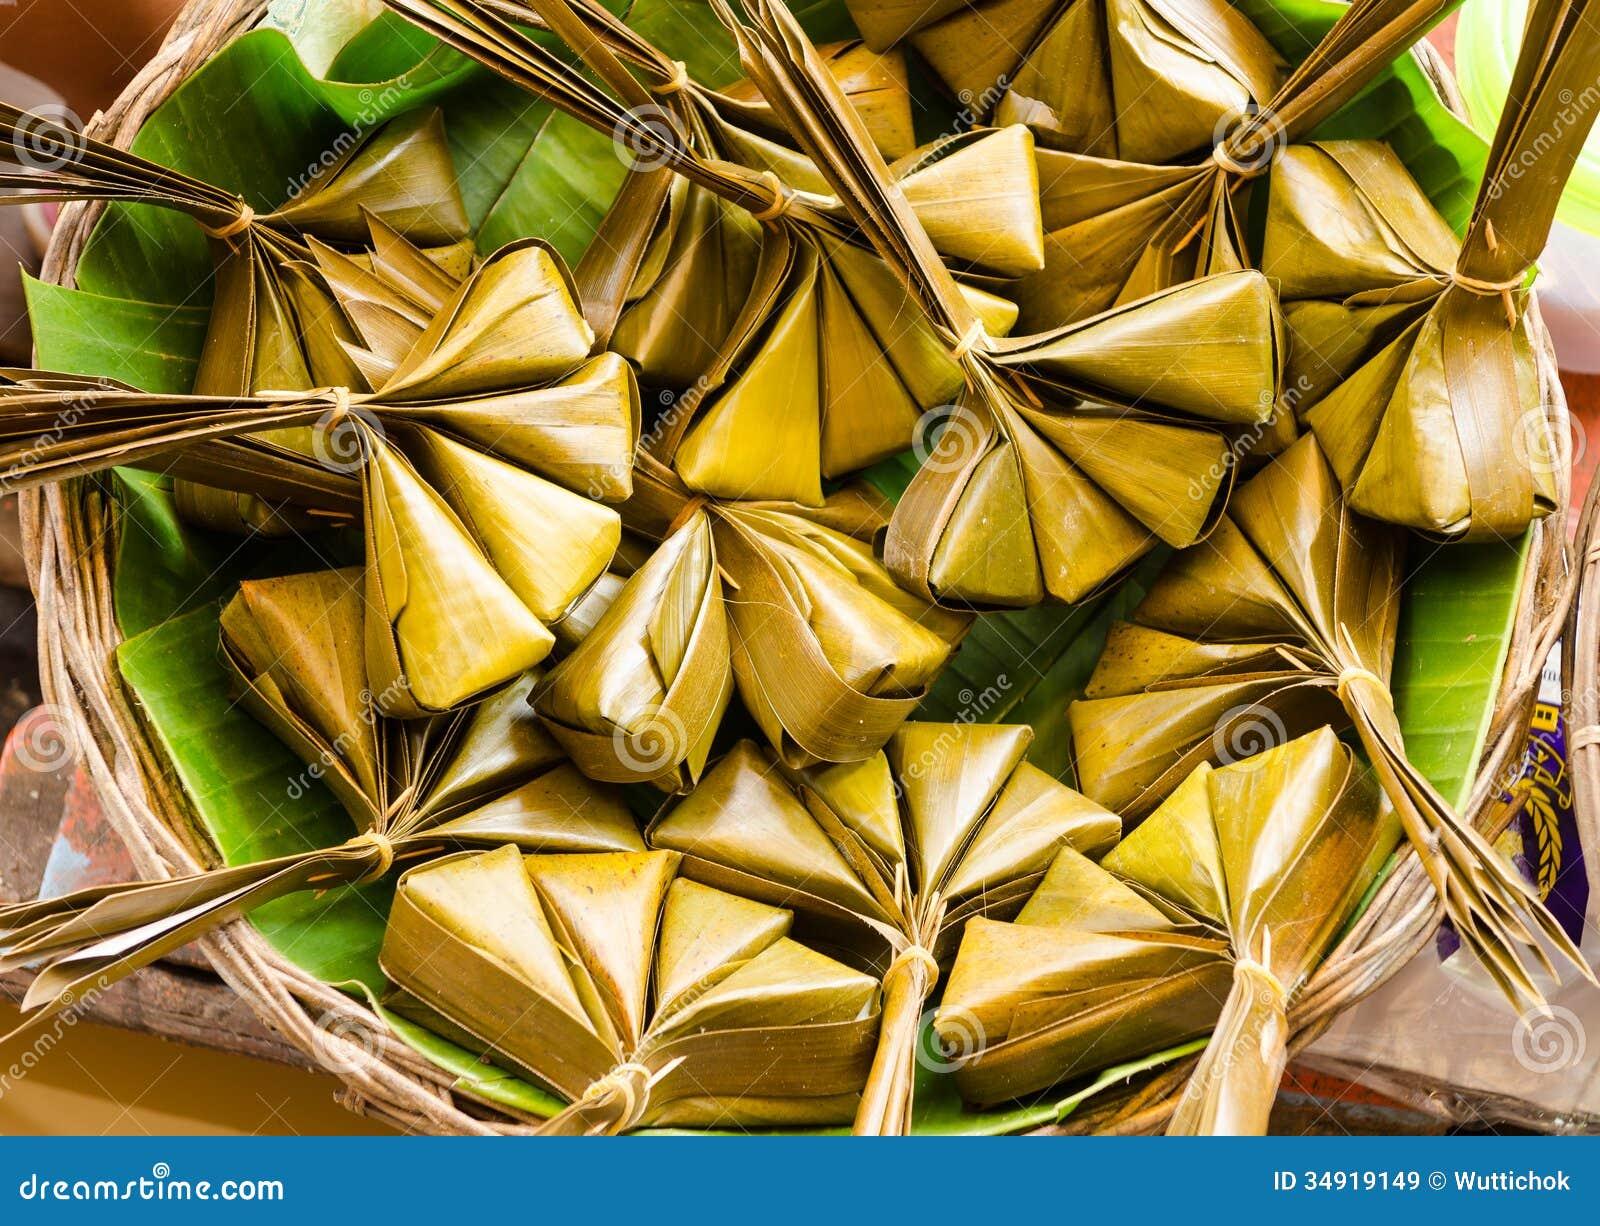 thai sweet dessert steamed in banana leaf stock image. Black Bedroom Furniture Sets. Home Design Ideas